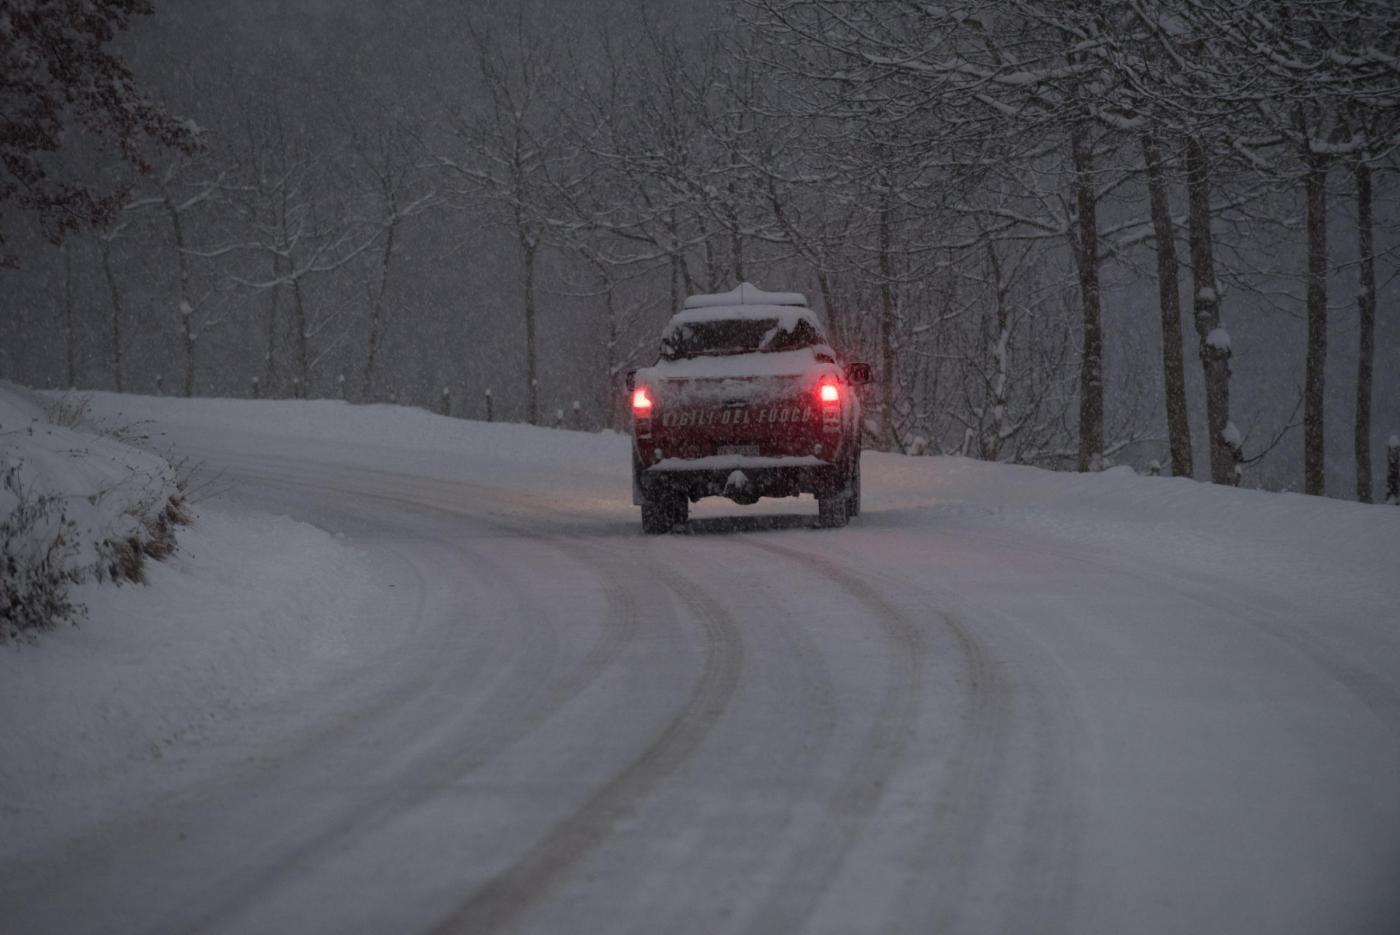 Italia nella morsa del gelo: otto morti, neve anche sui paesi terremotati